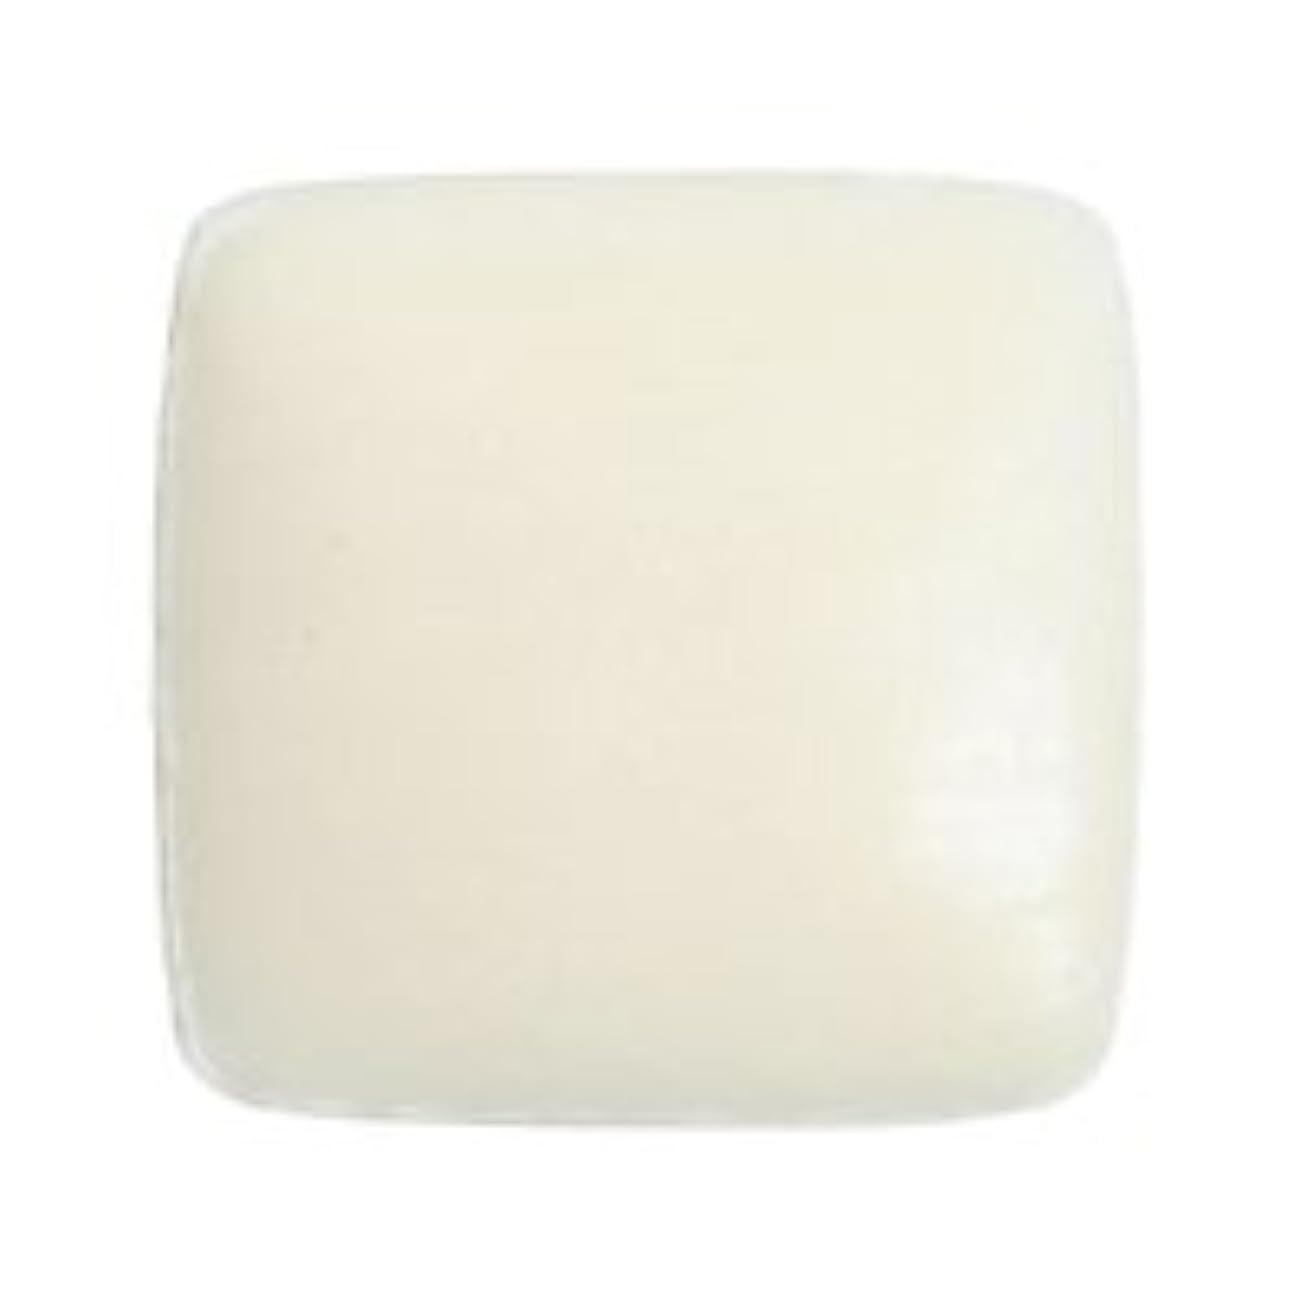 クリーナー言い聞かせるタイマードクターY ホワイトクレイソープ80g 固形石鹸